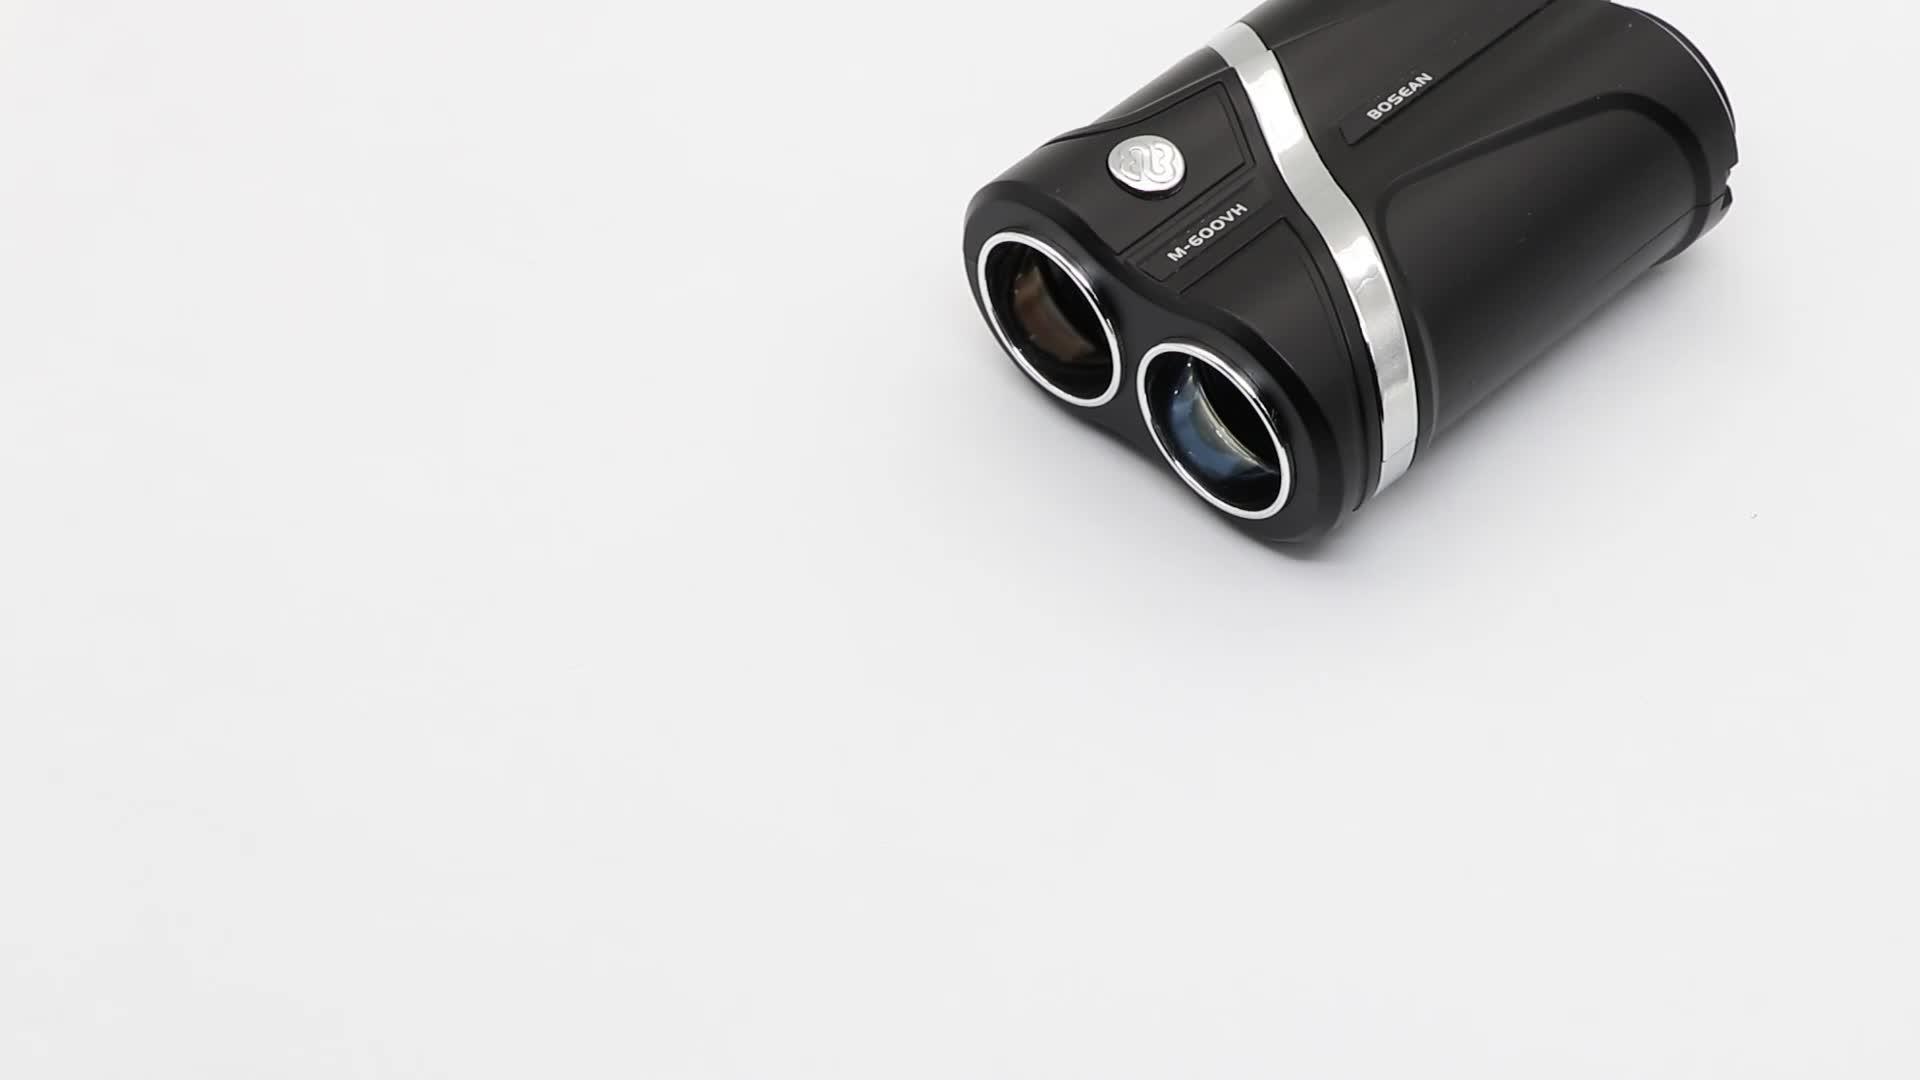 Télémètre laser RTS M600VH multifonction télémètre de golf